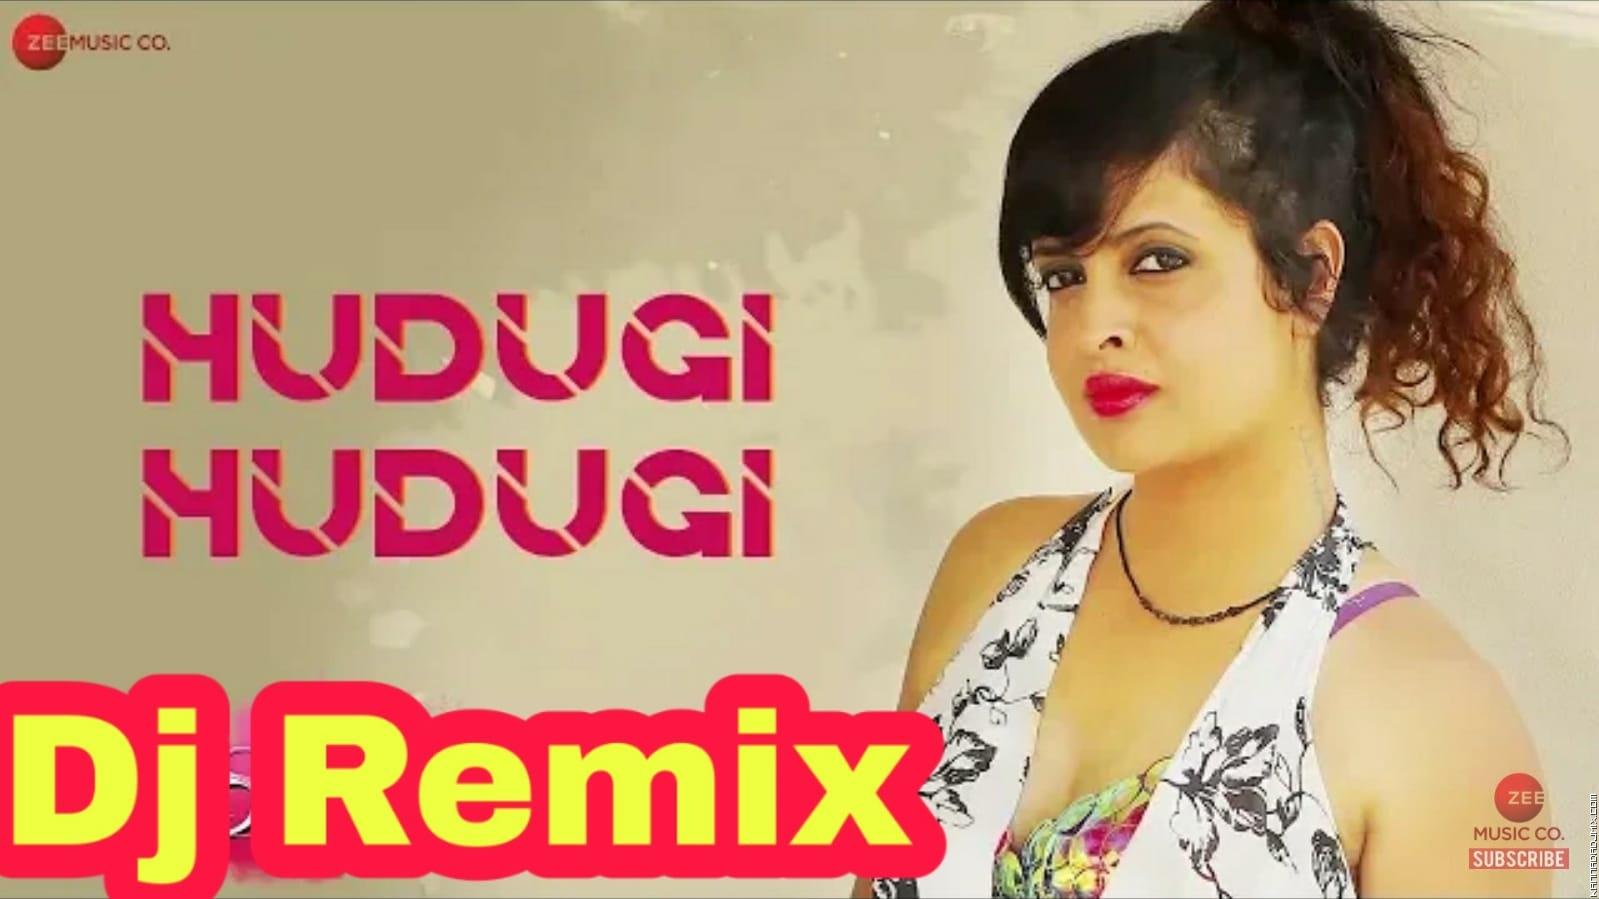 Hudugi Hudugi (Siron vs Tiger Beat Mix) Dj YmK SolapuR.mp3